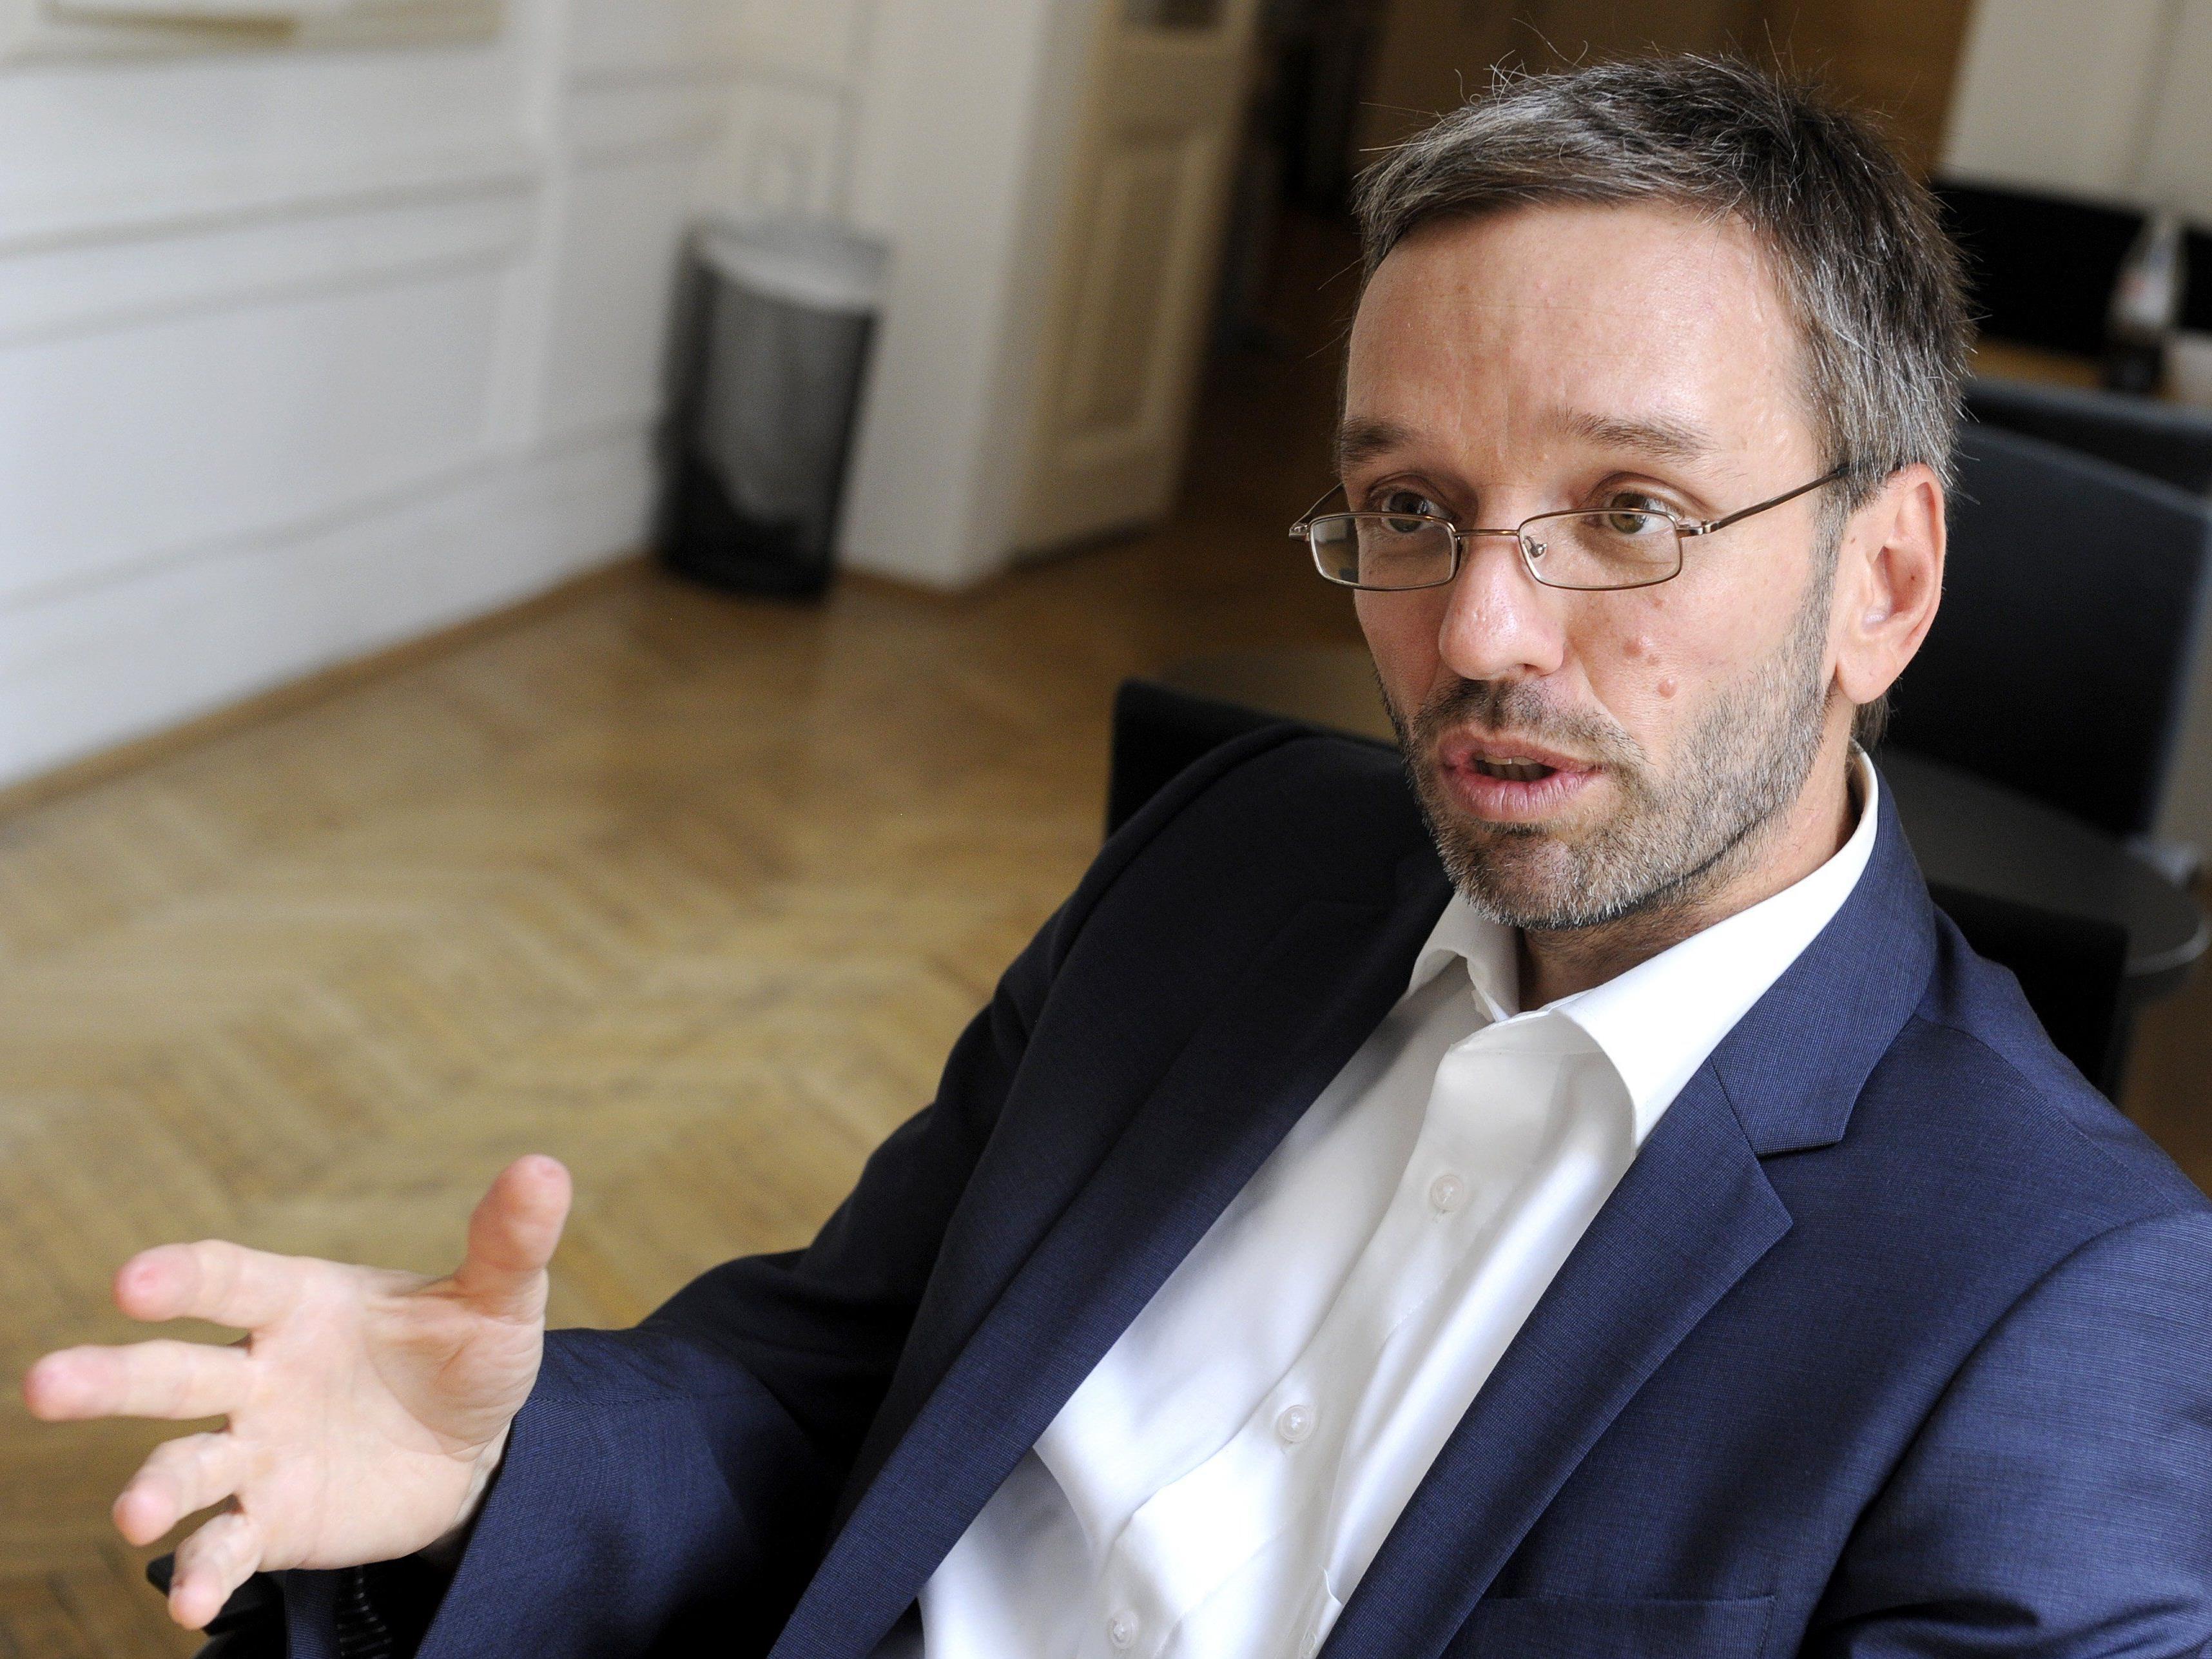 Kickl wird illegale Parteienfinanzierung vorgeworfen